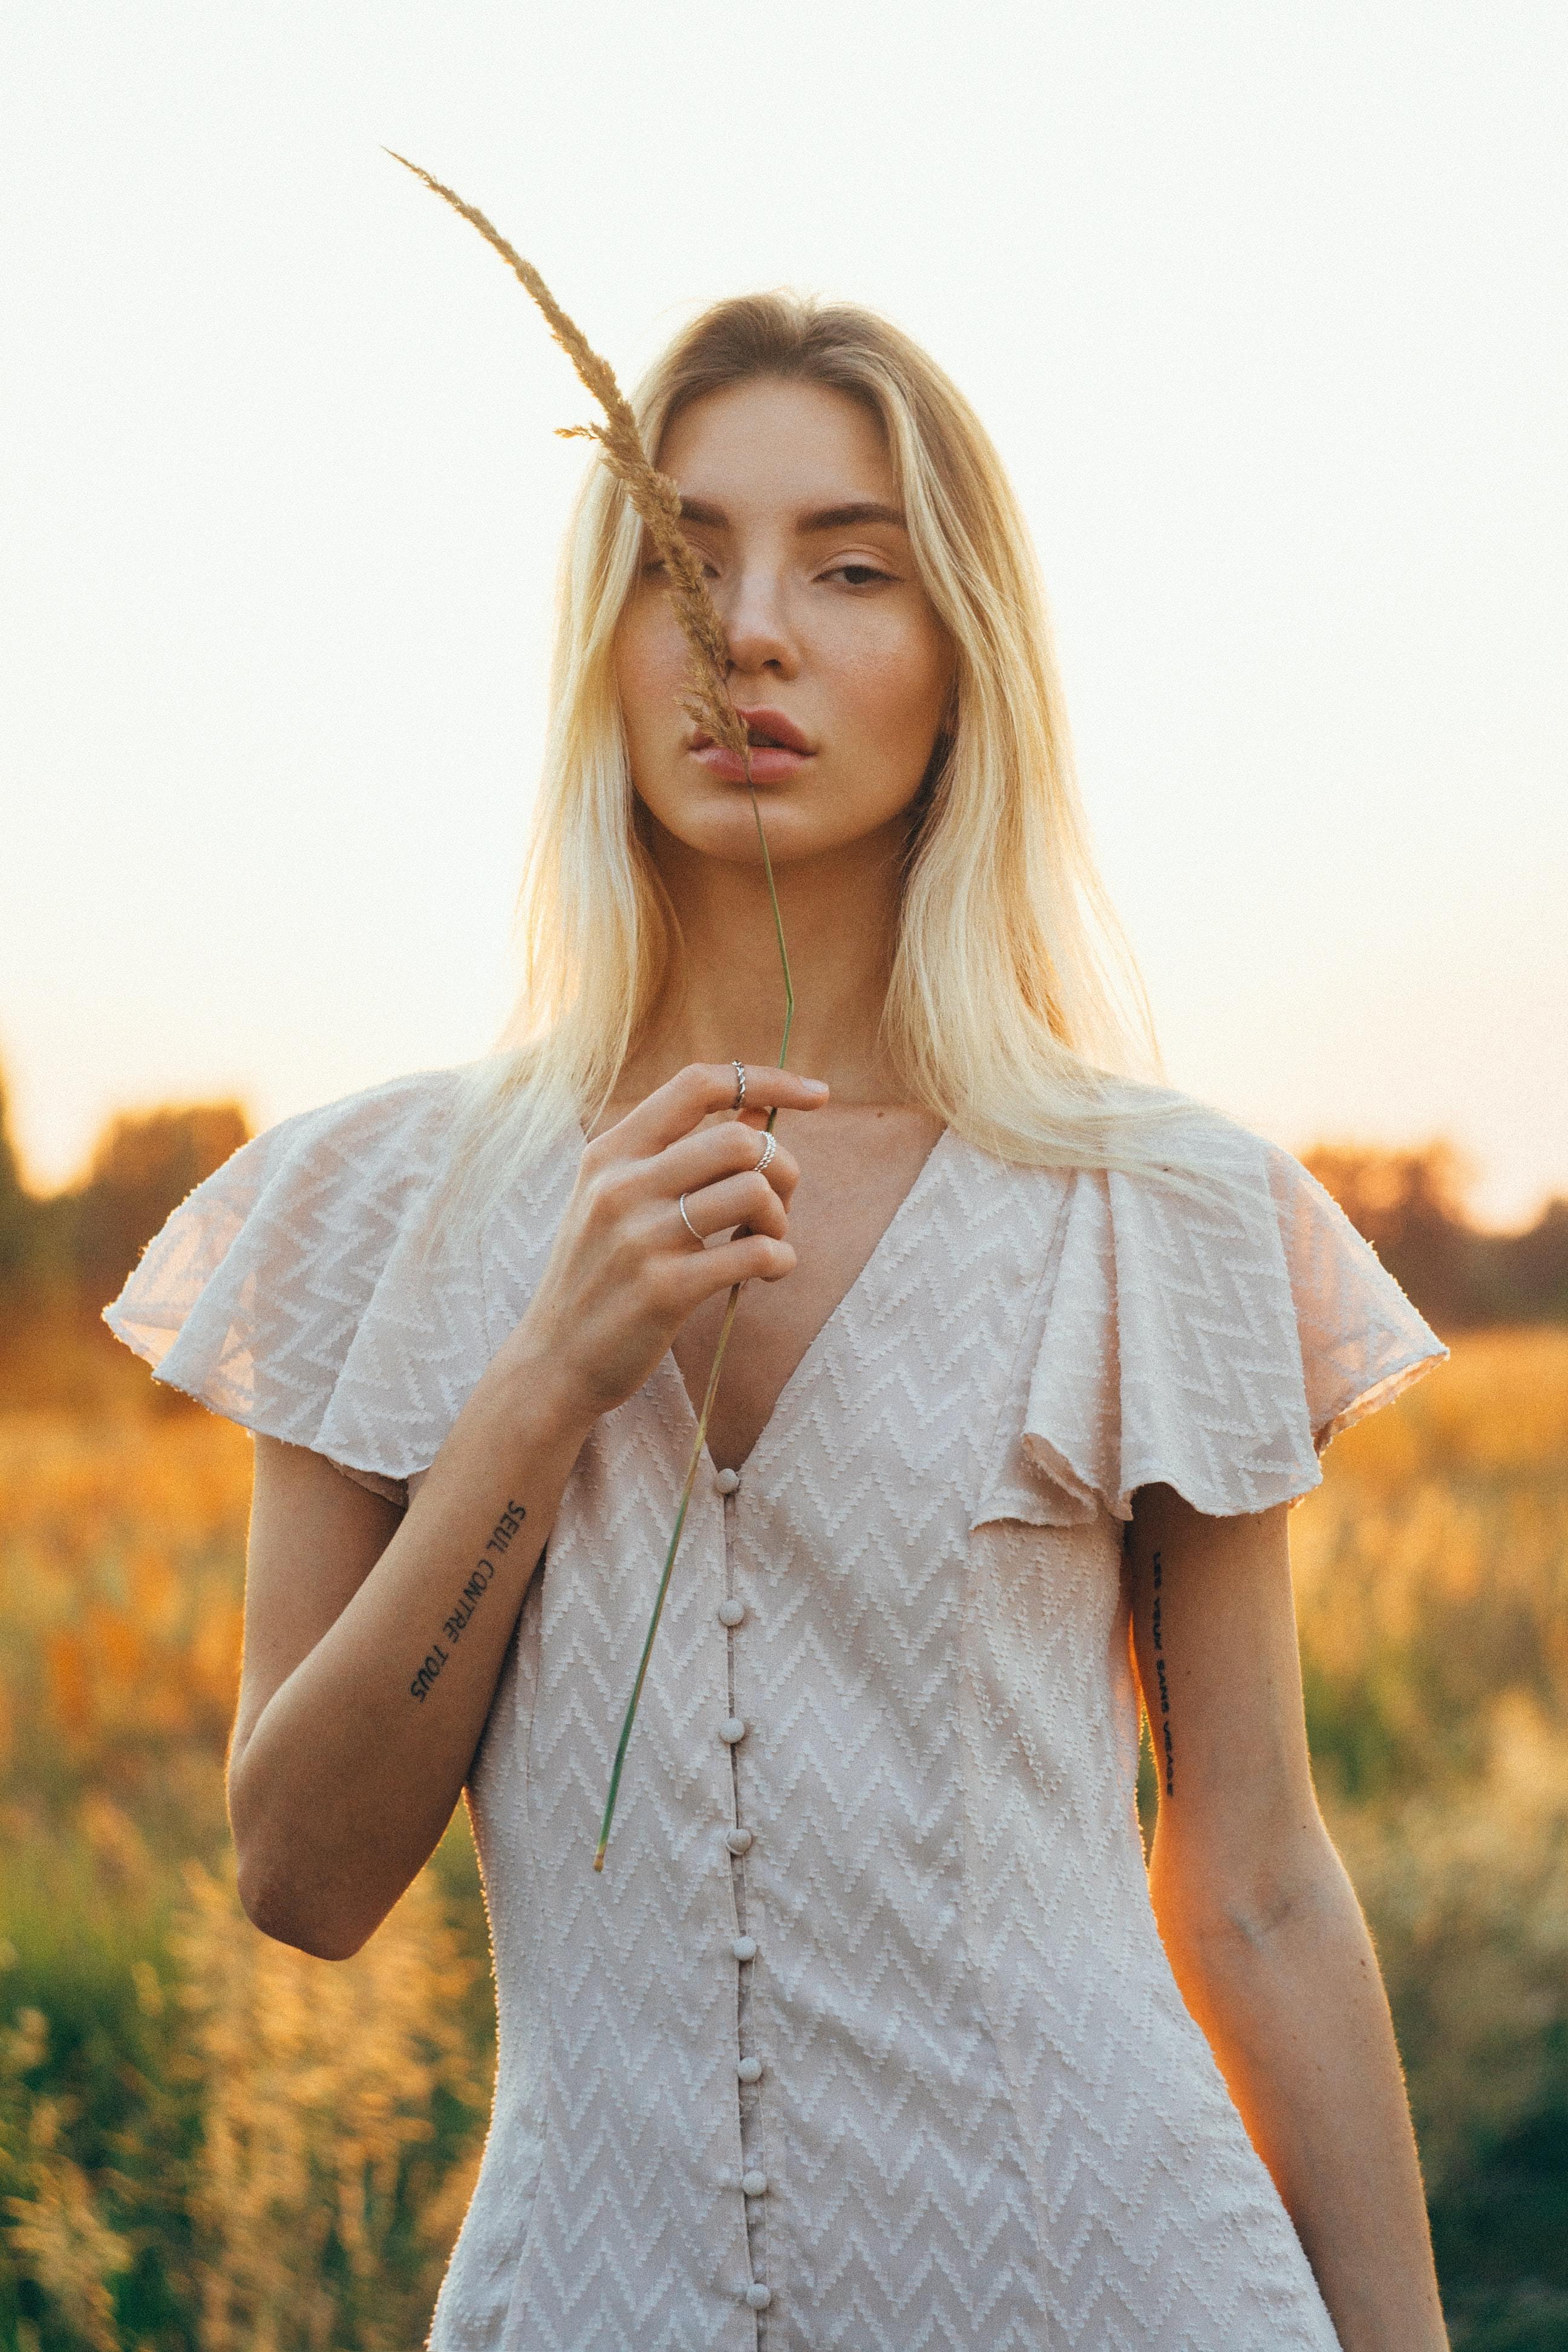 sasha-zlochevskaya-PocU_i8kyjU-unsplash